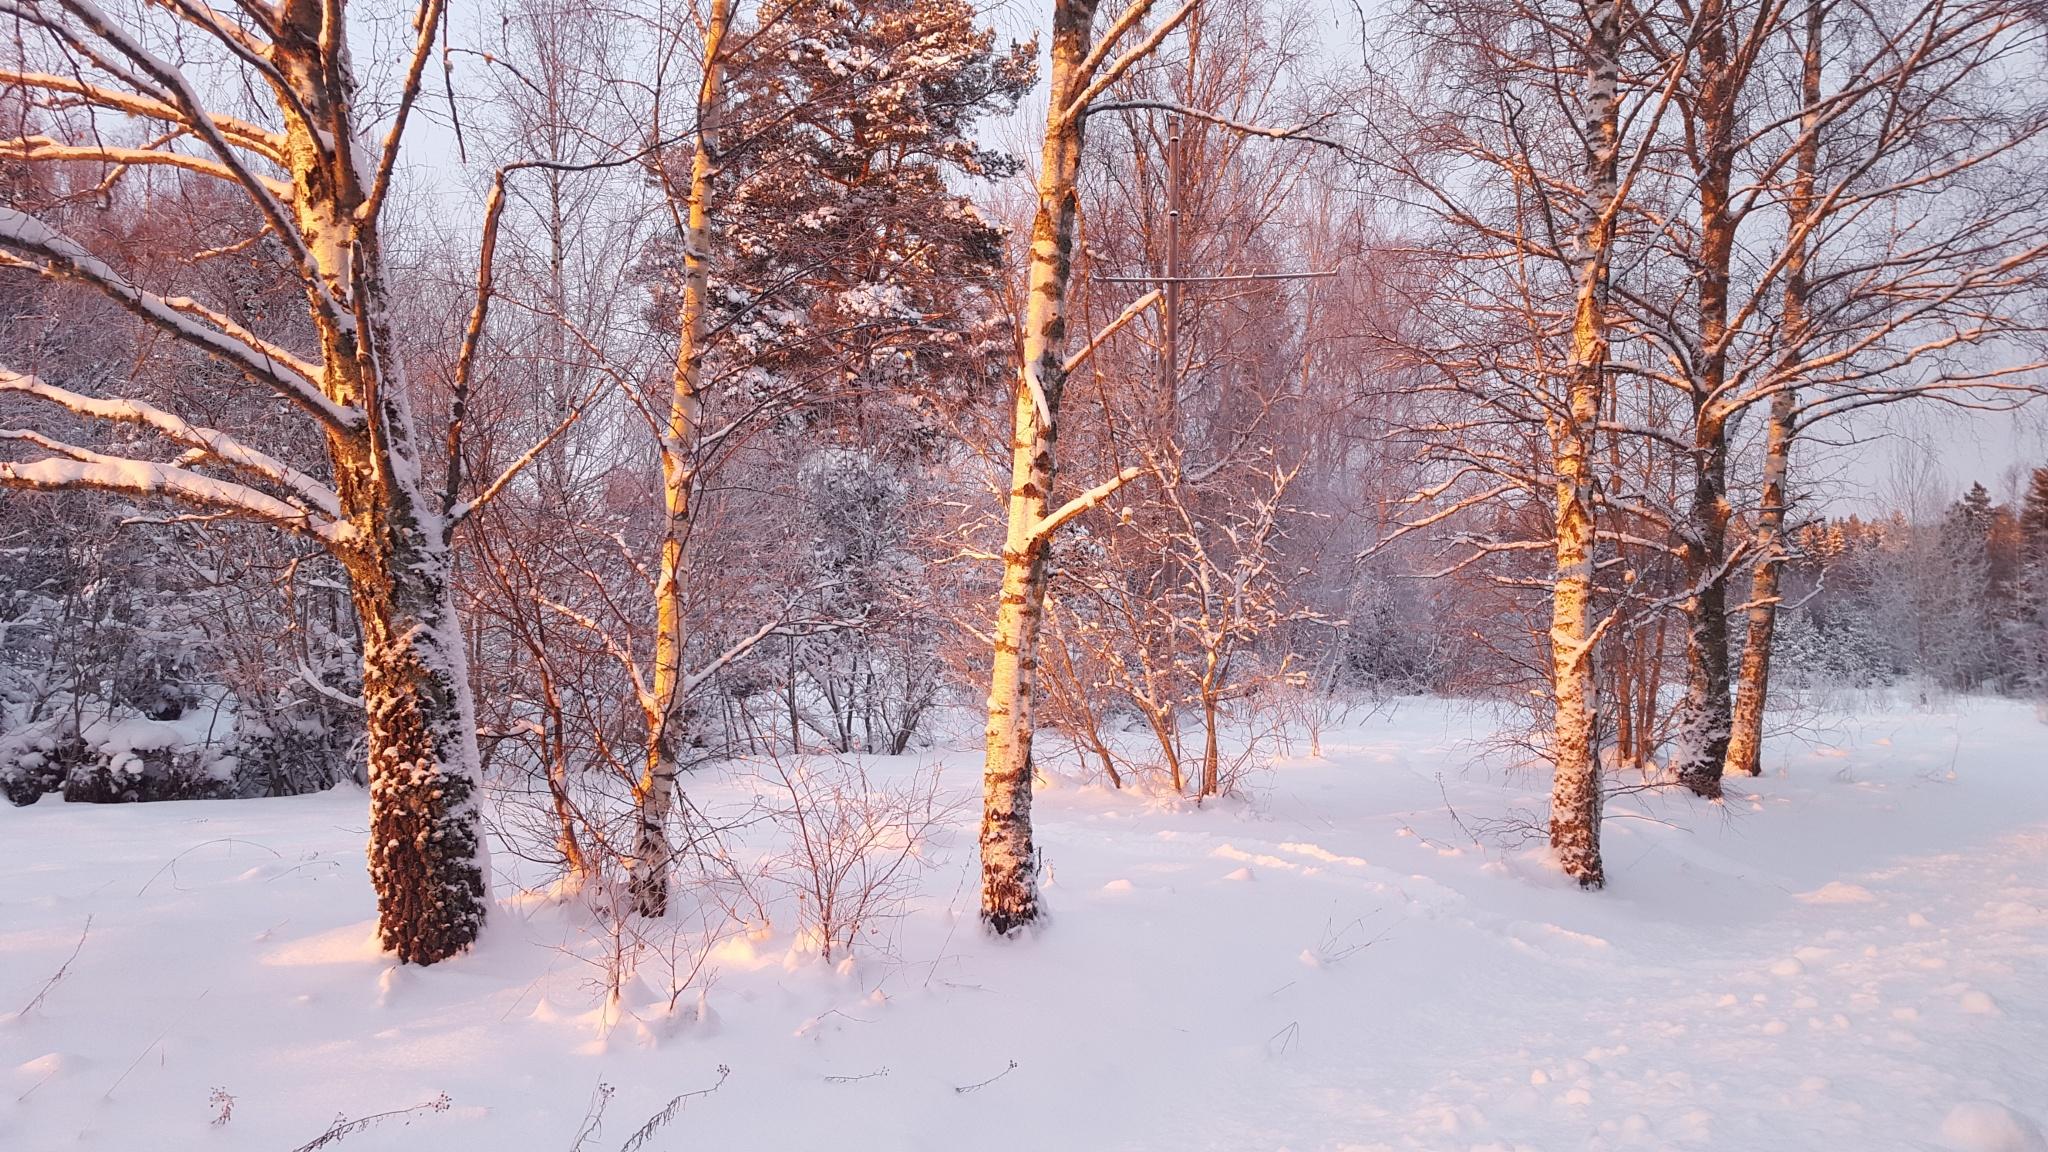 Vinter in Harka by Susanne Brännström